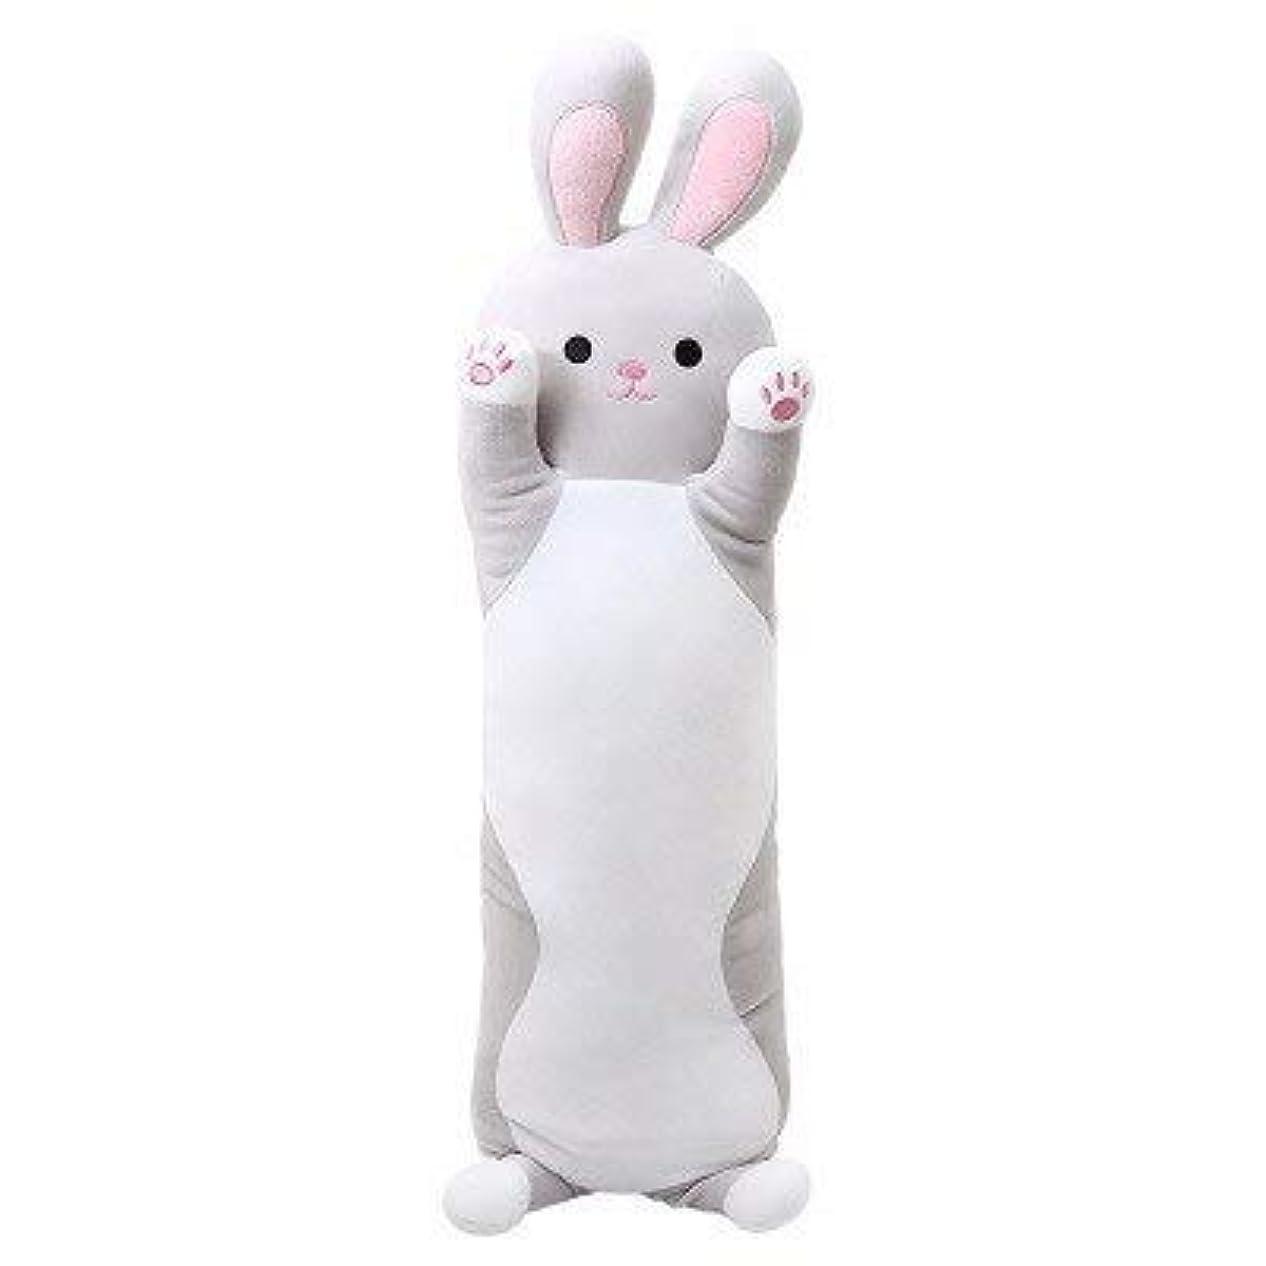 花嫁冗談でに勝るLIFE センチメートルウサギのぬいぐるみロング睡眠枕を送信するために女の子 Almofada クッション床 Coussin Cojines 装飾 Overwatch クッション 椅子